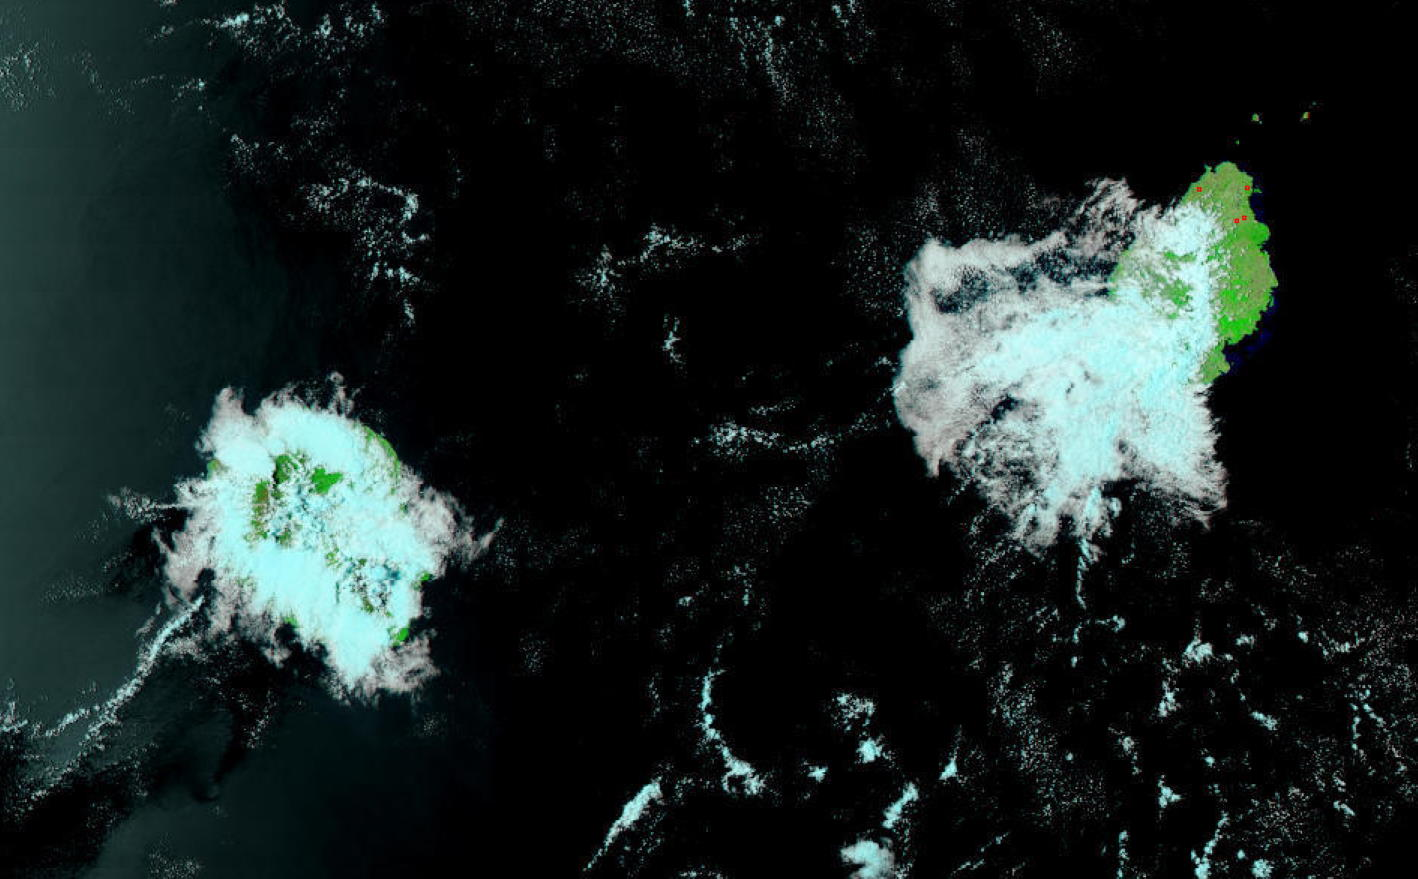 La Réunion et Maurice vues par le satellite défilant américain NPP à 13h54 cet après-midi.